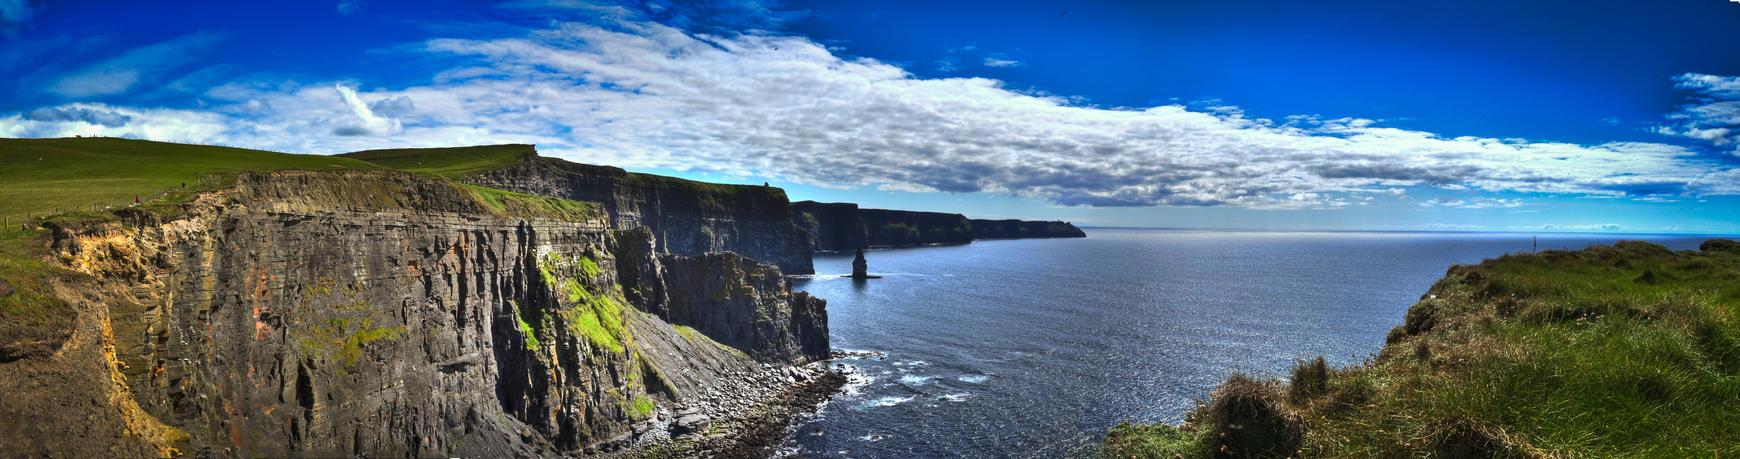 Cliffs by gregor-hie